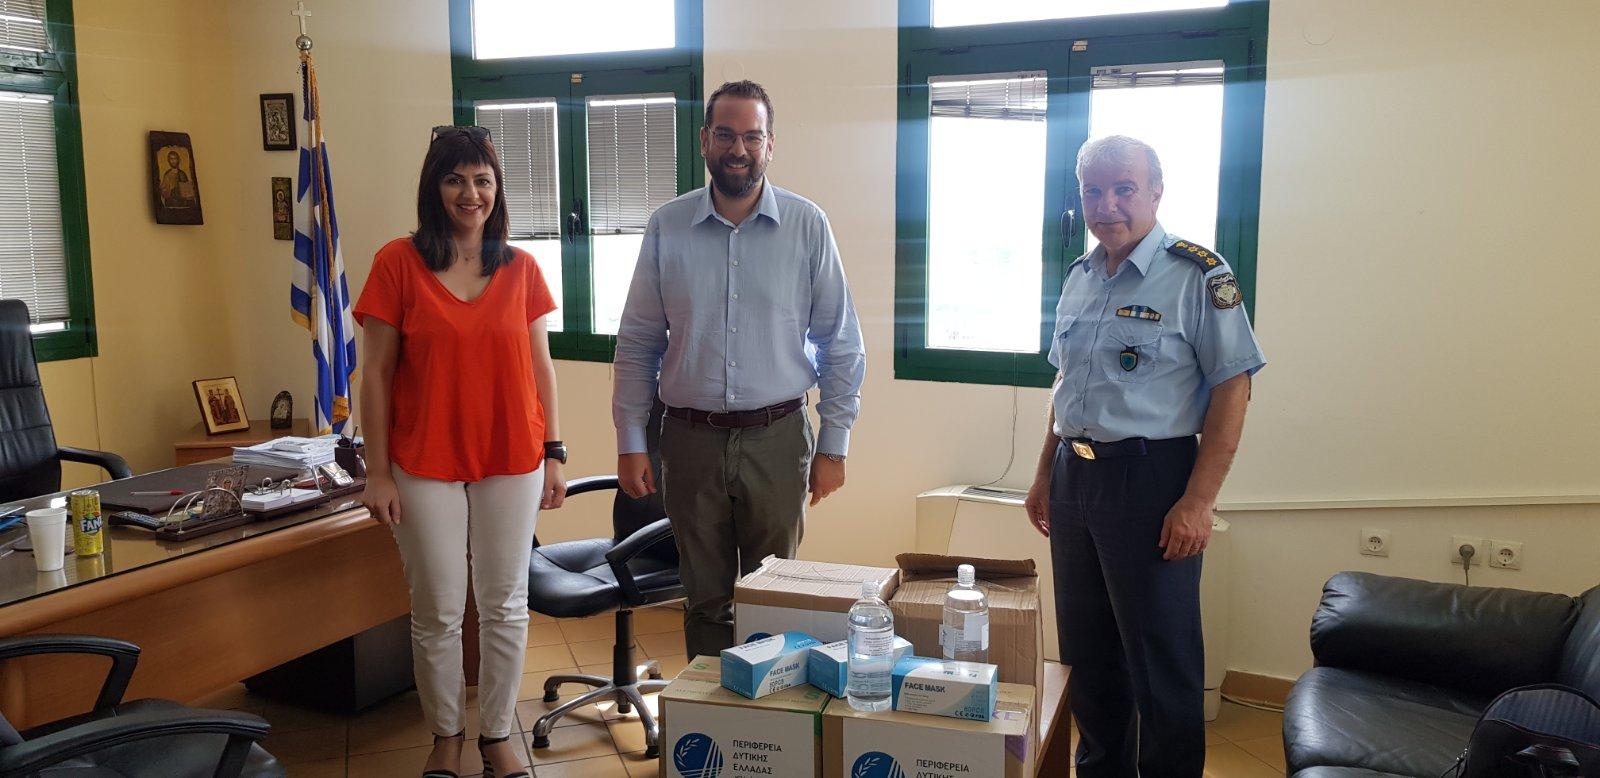 Διανομή υγειονομικού υλικού από την Περιφέρεια σε φορείς του Αγρινίου